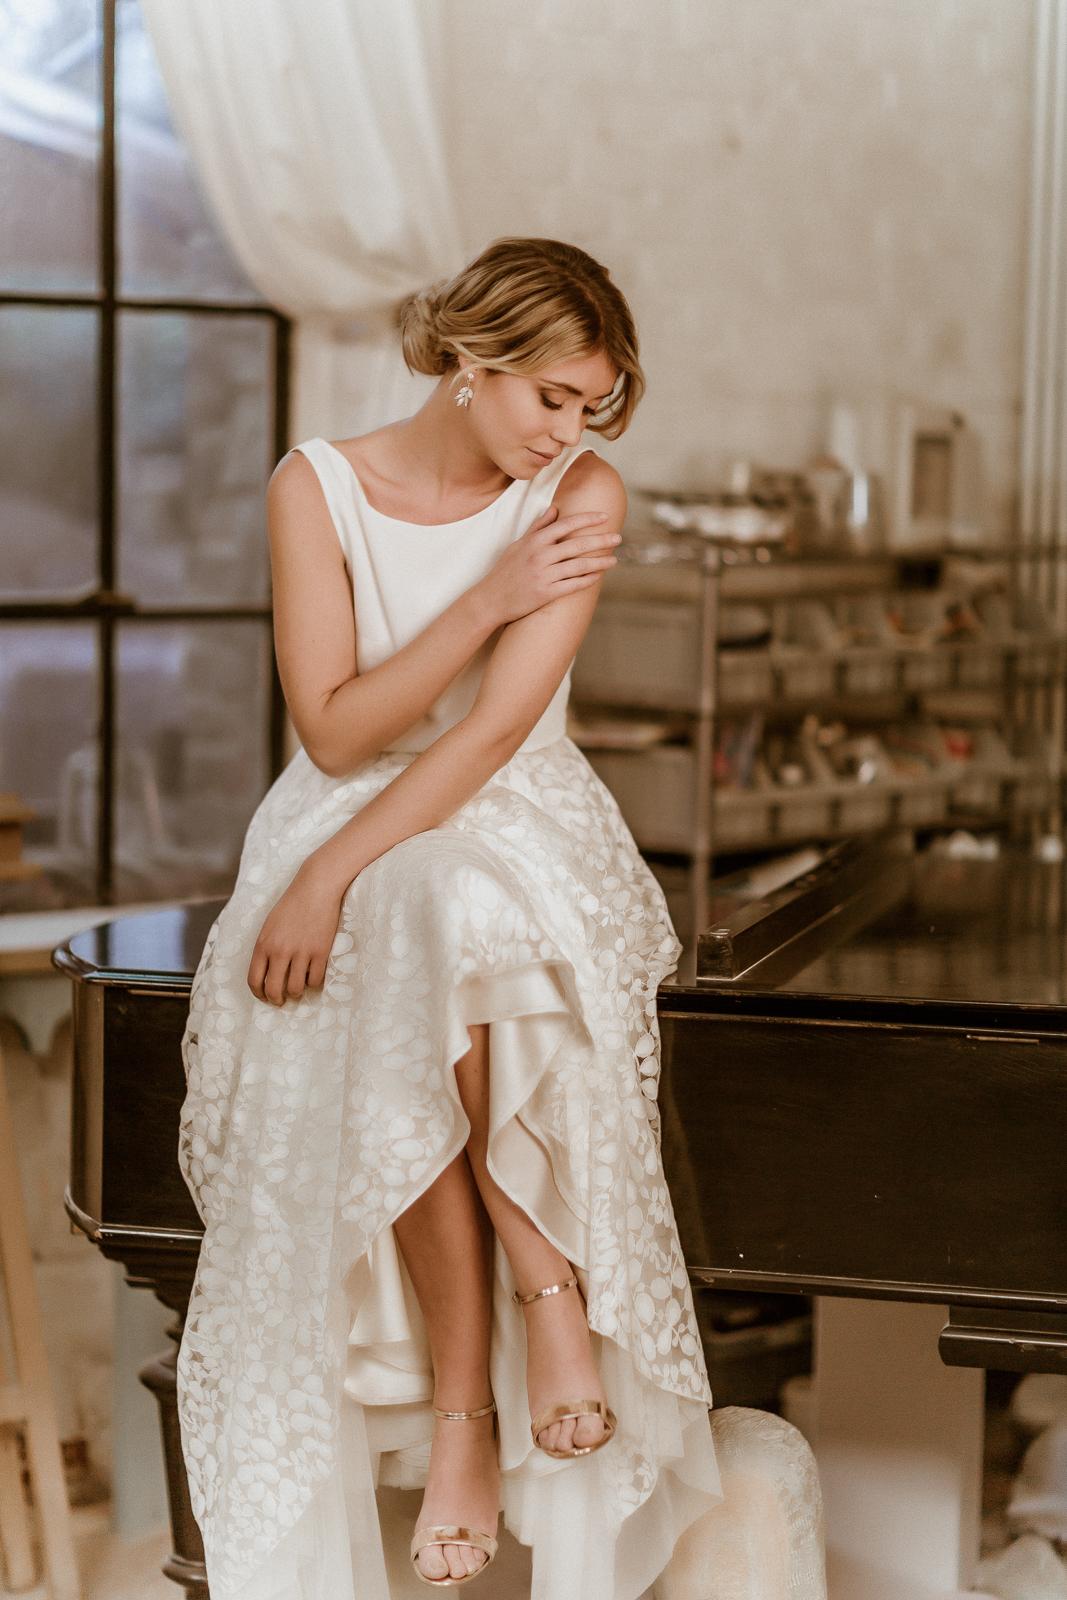 noni Jubiläumskollektion | Ärmelloses Brauttop in Ivory mit Rückenausschnitt und Rückenkette, dazu Tüllrock aus Blätterspitze, Frontalansicht, Modell sitzend (Foto: Le Hai Linh)